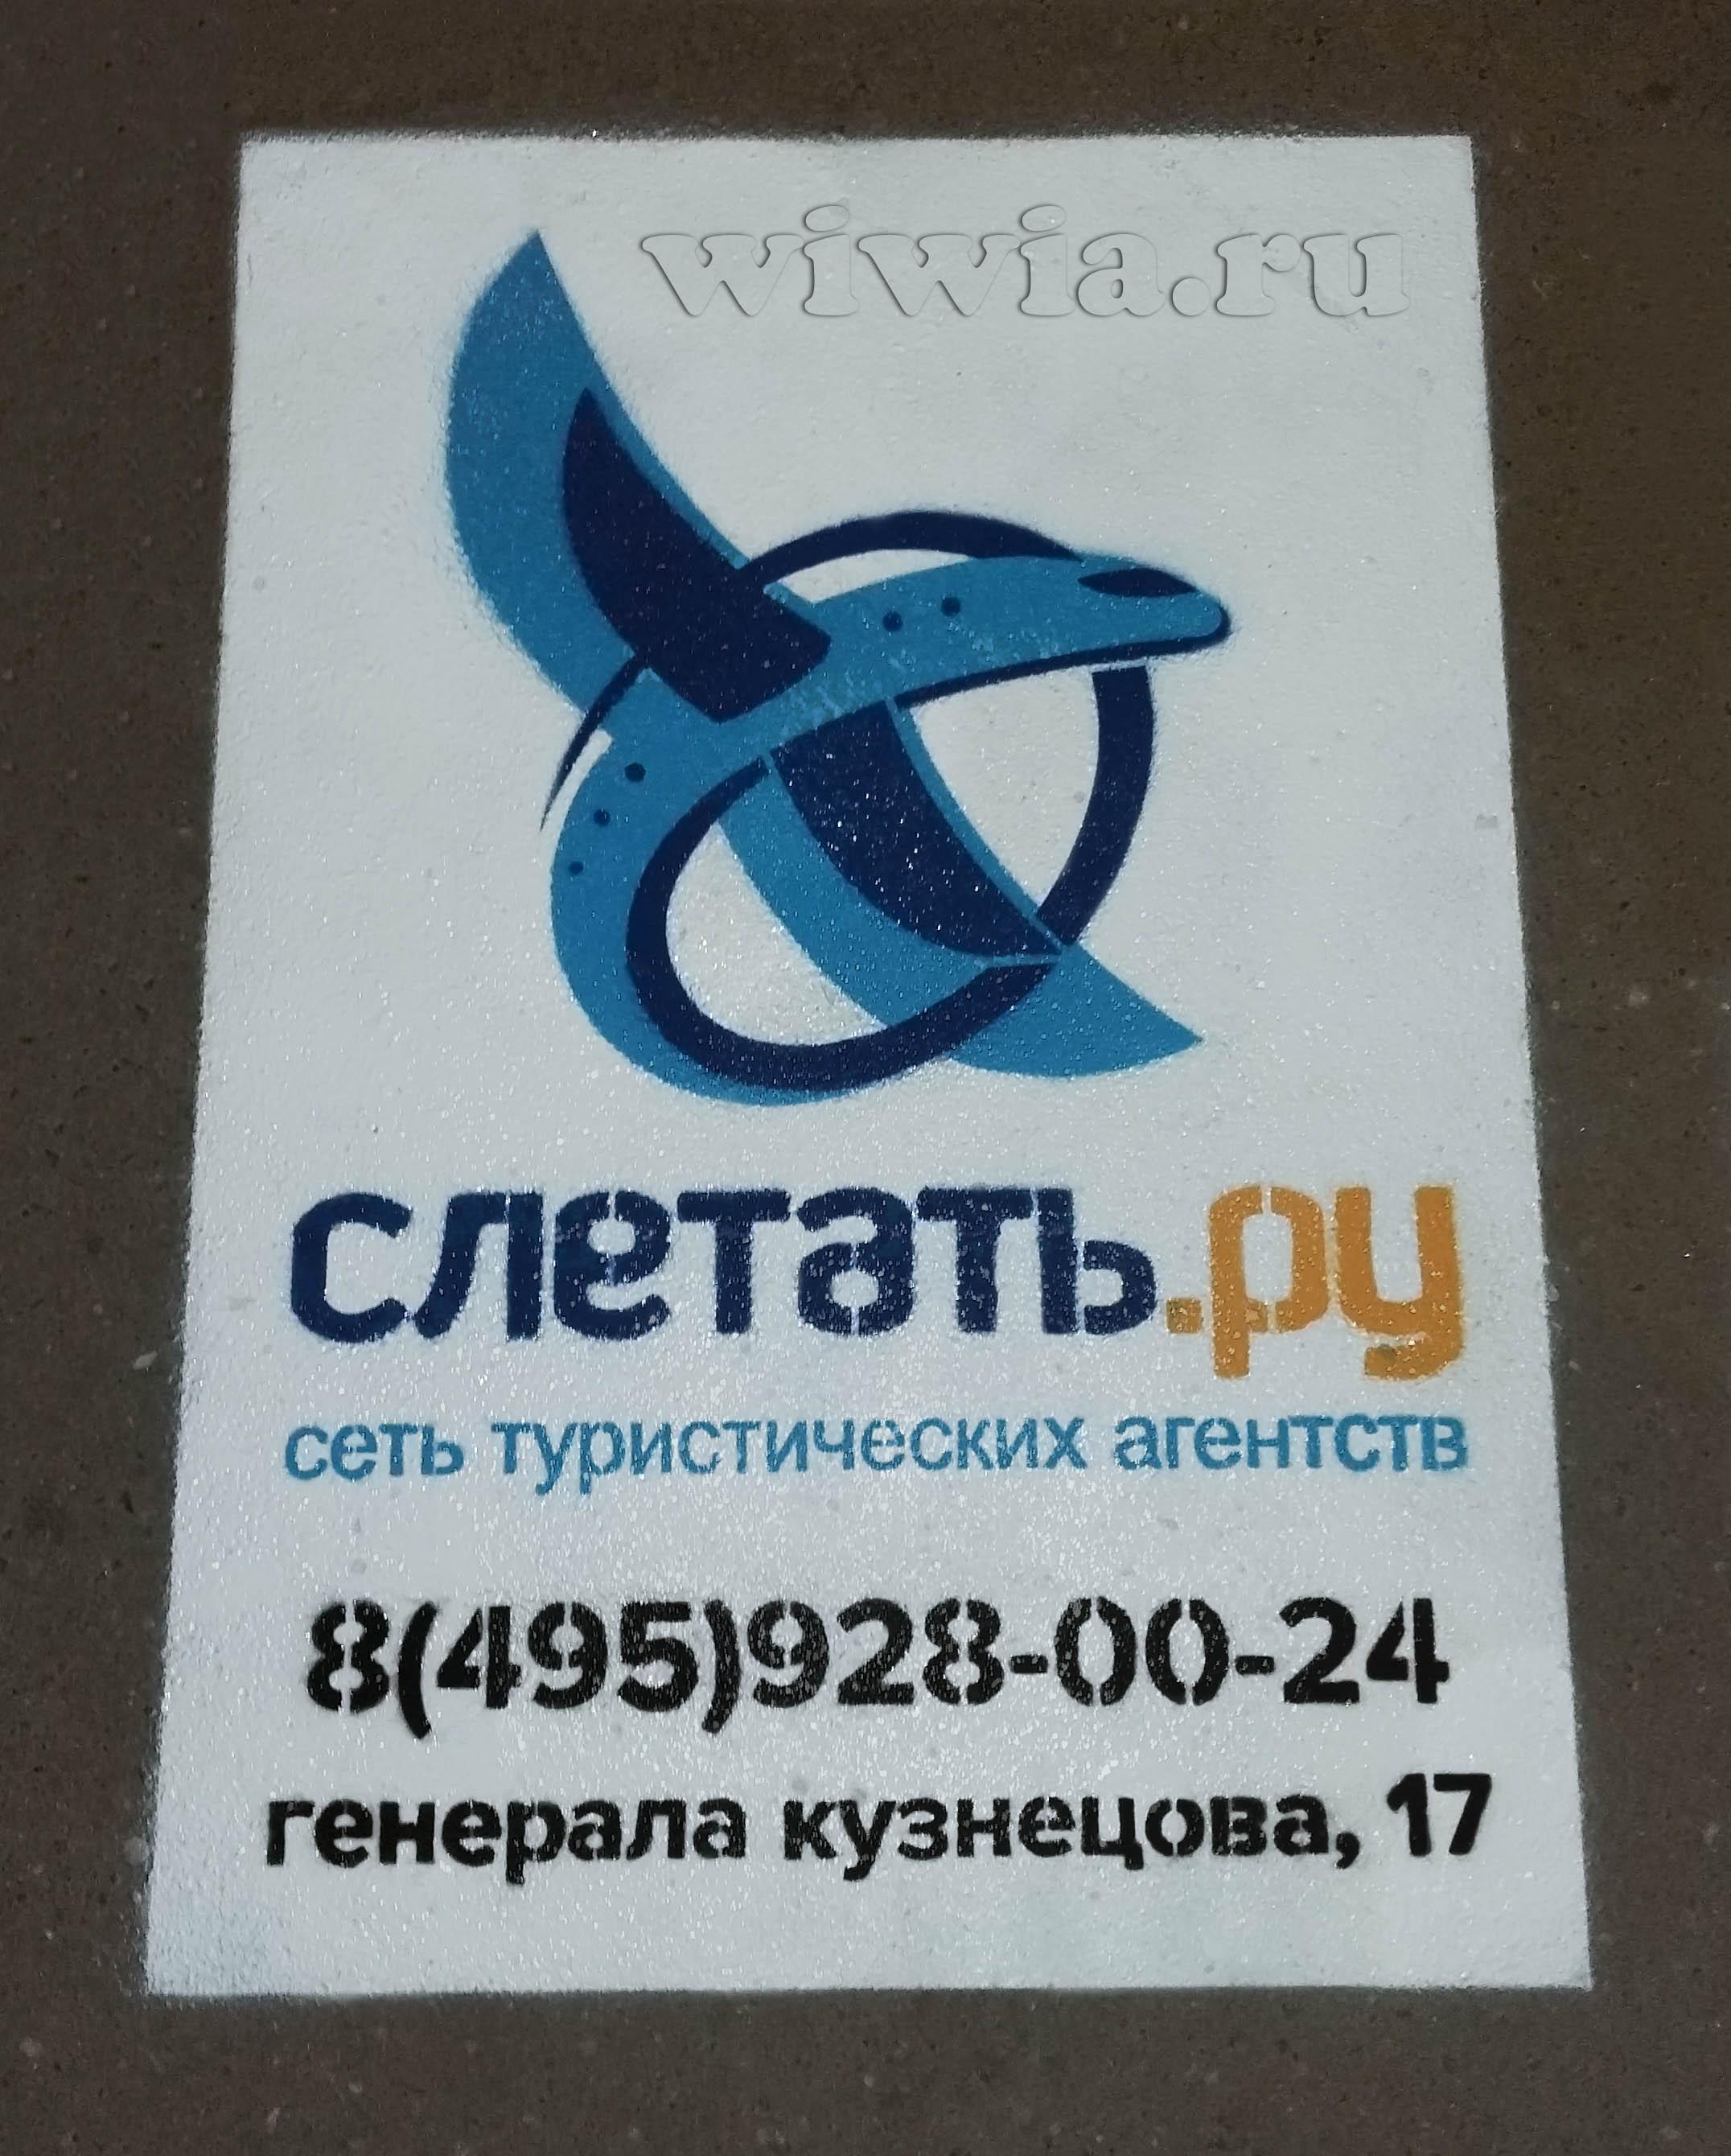 Реклама на асфальте. Слетать.ру.